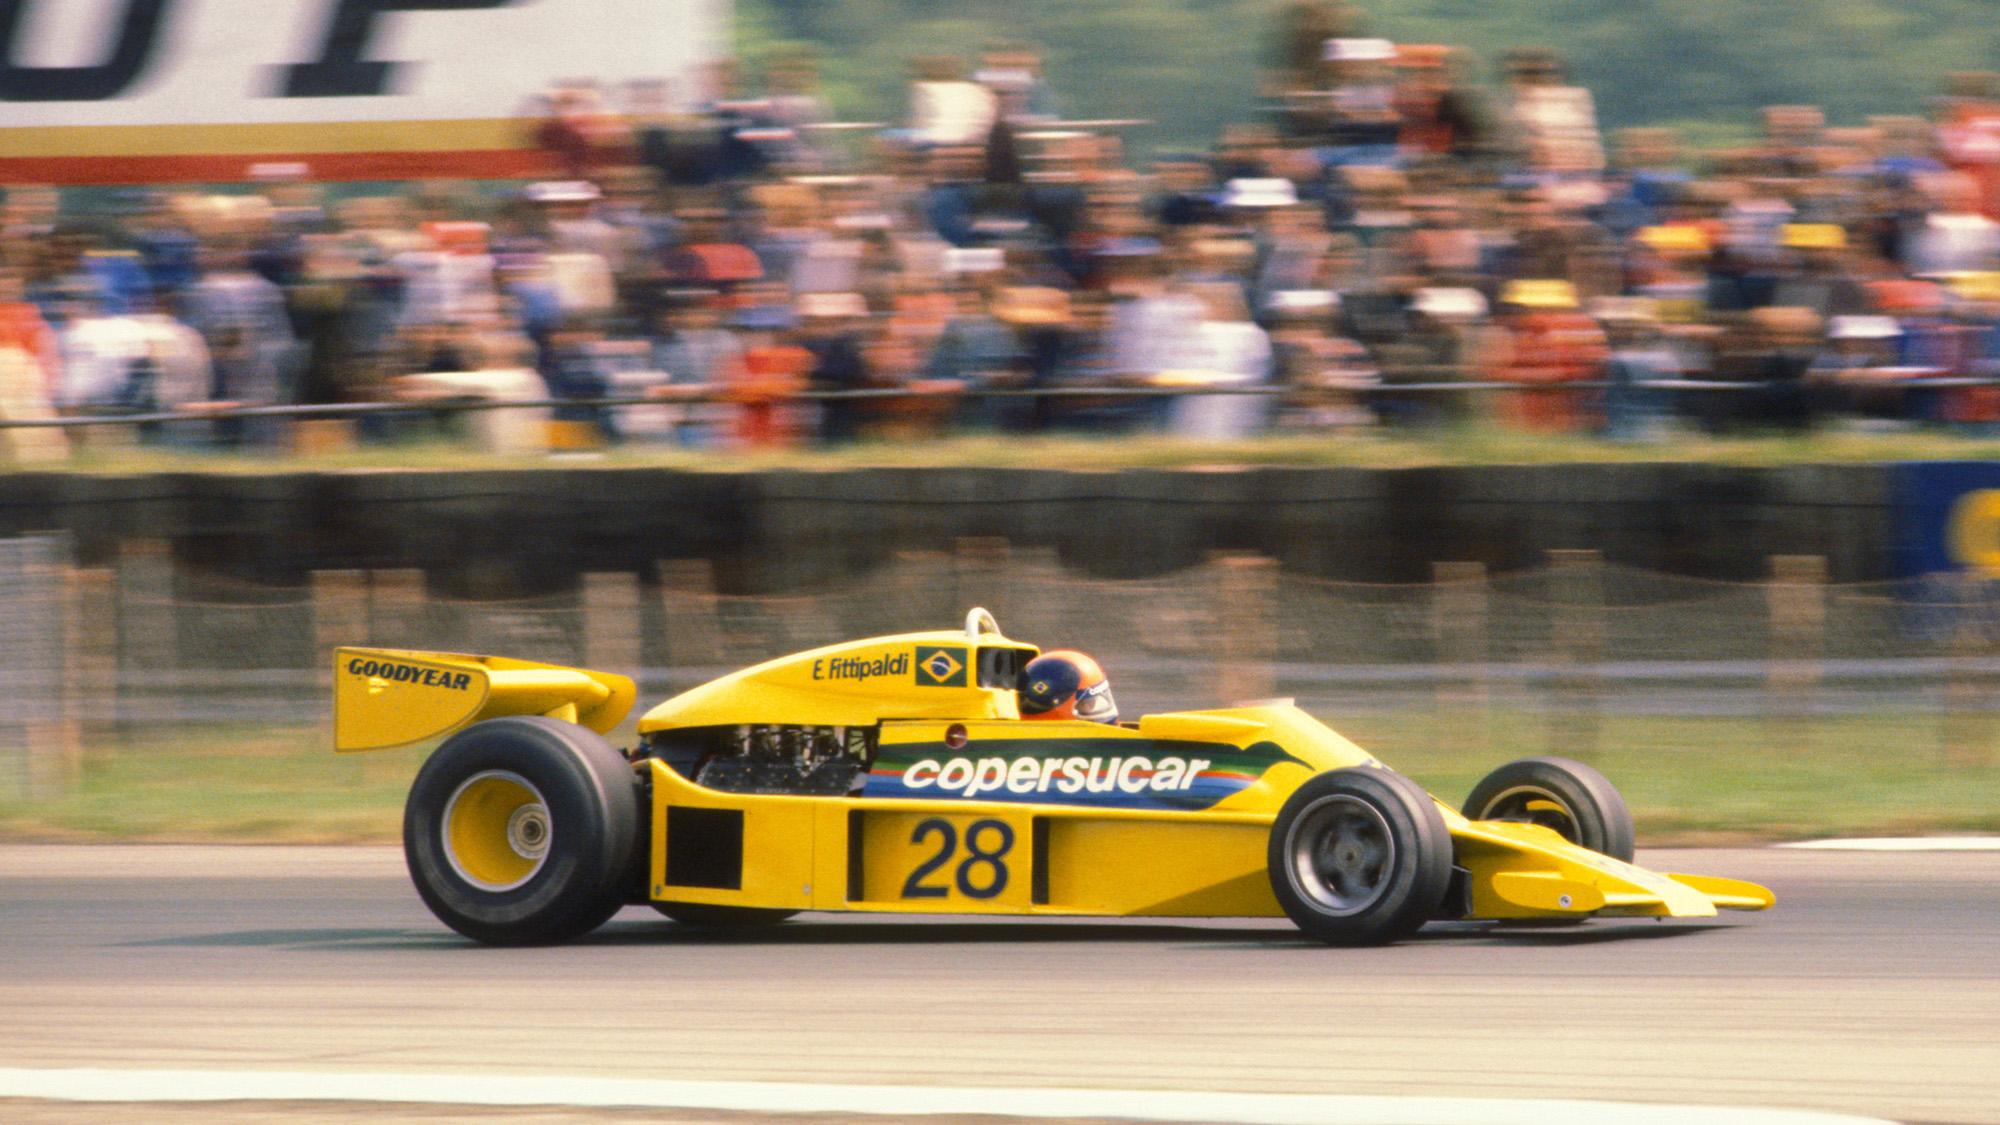 Copersucar Fittipaldi of Emerson Fittipaldi at the 1977 British GP